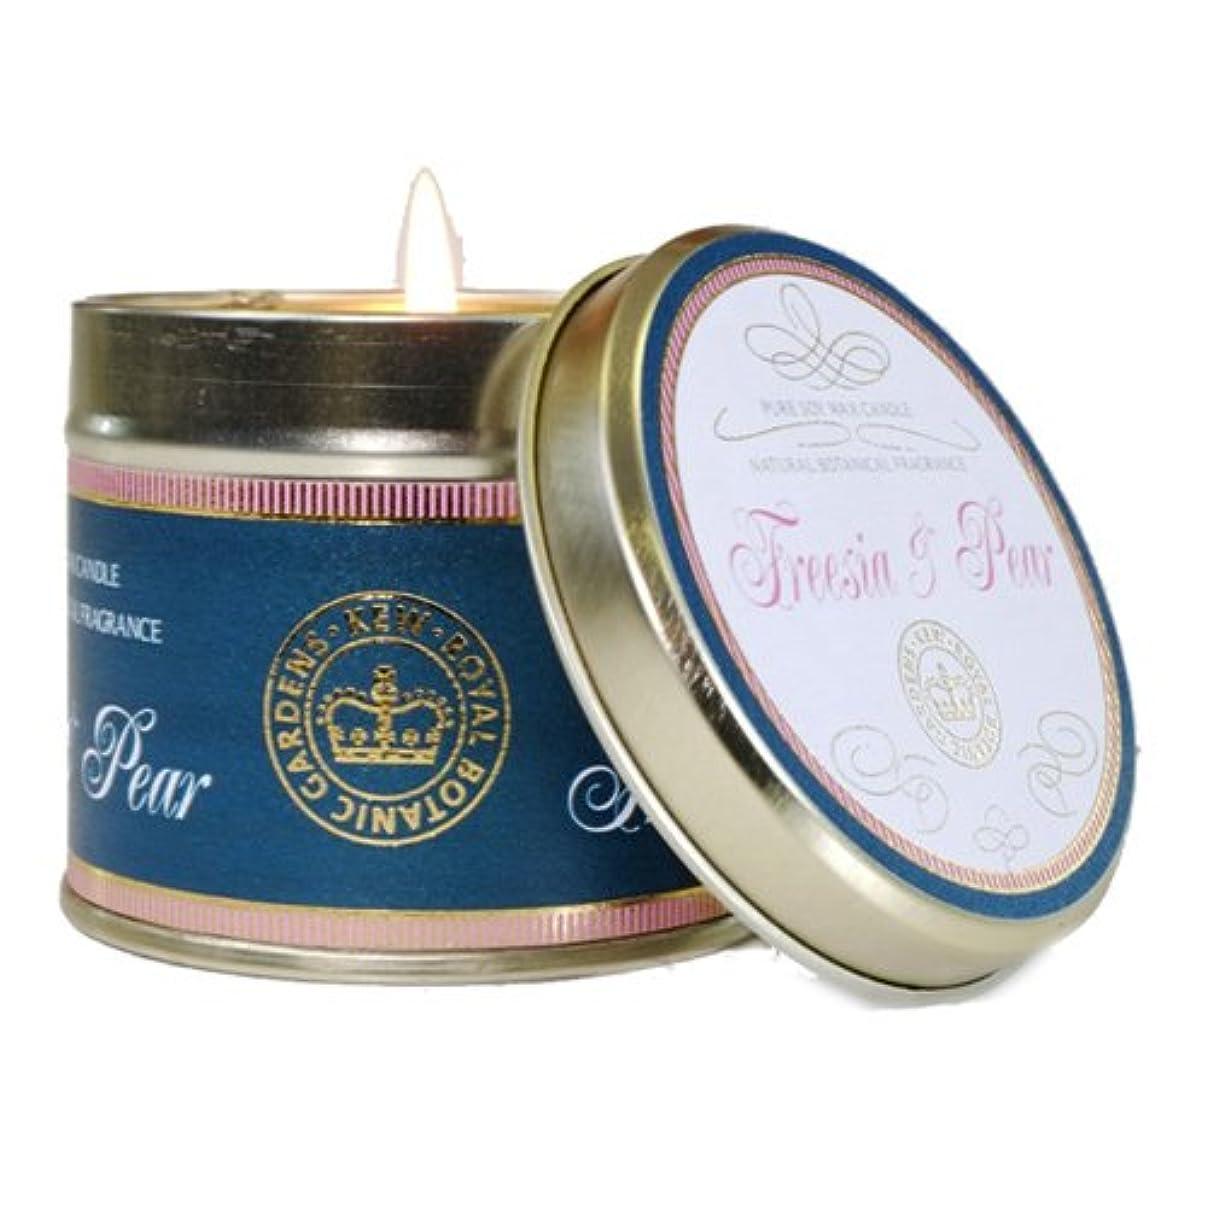 排除する贅沢アイスクリームCANOVA キューヴィンテージ ティンキャンドル フリージア&ペア Kew Vintage TinCandle Freesia&Pear カノーバ